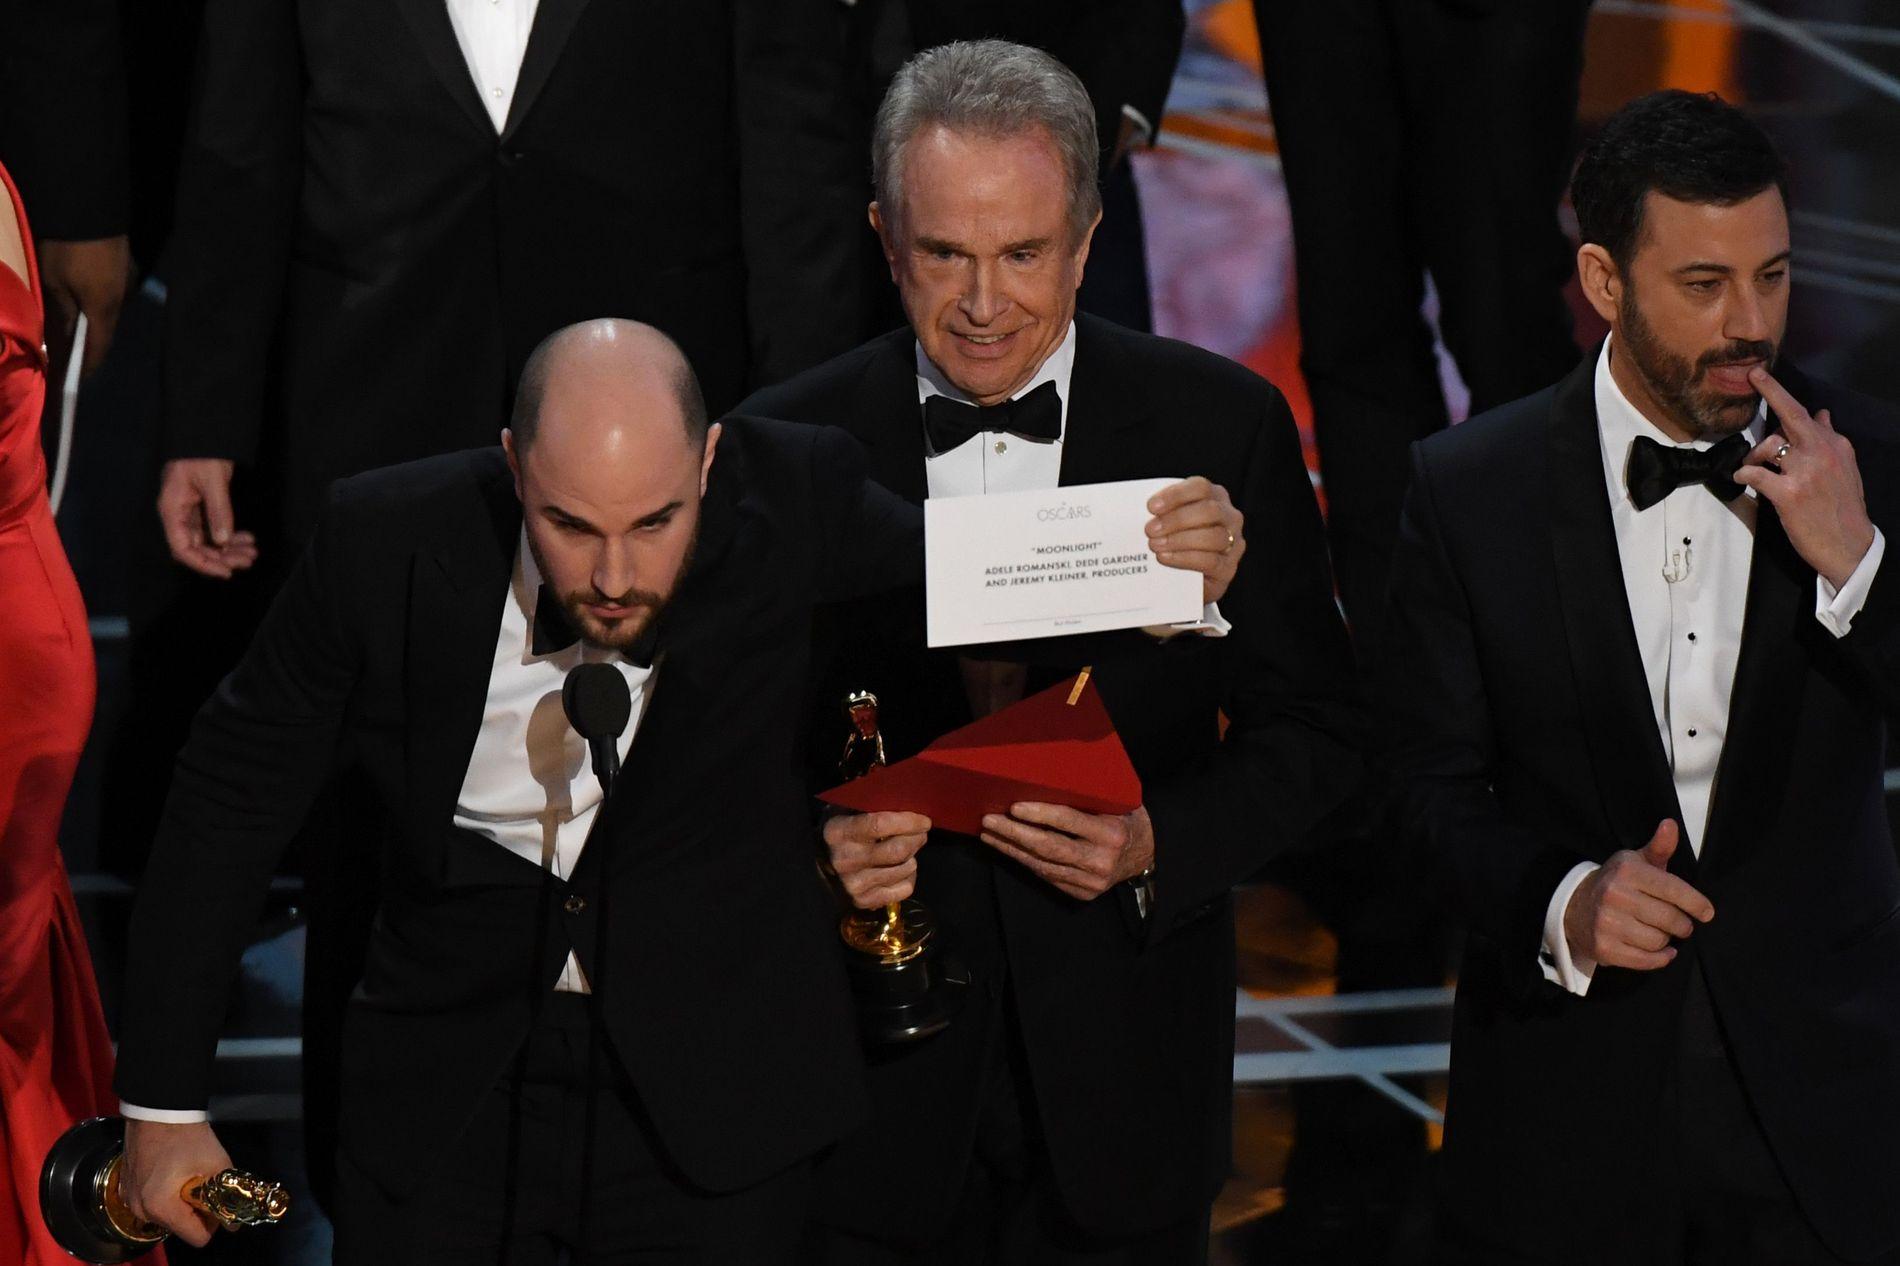 LESTE OPP FEIL: Warren Beatty i midten hadde fått feil konvolutt. Her er han på scenen med crewet fra «La La Land», som altså ikke vant.